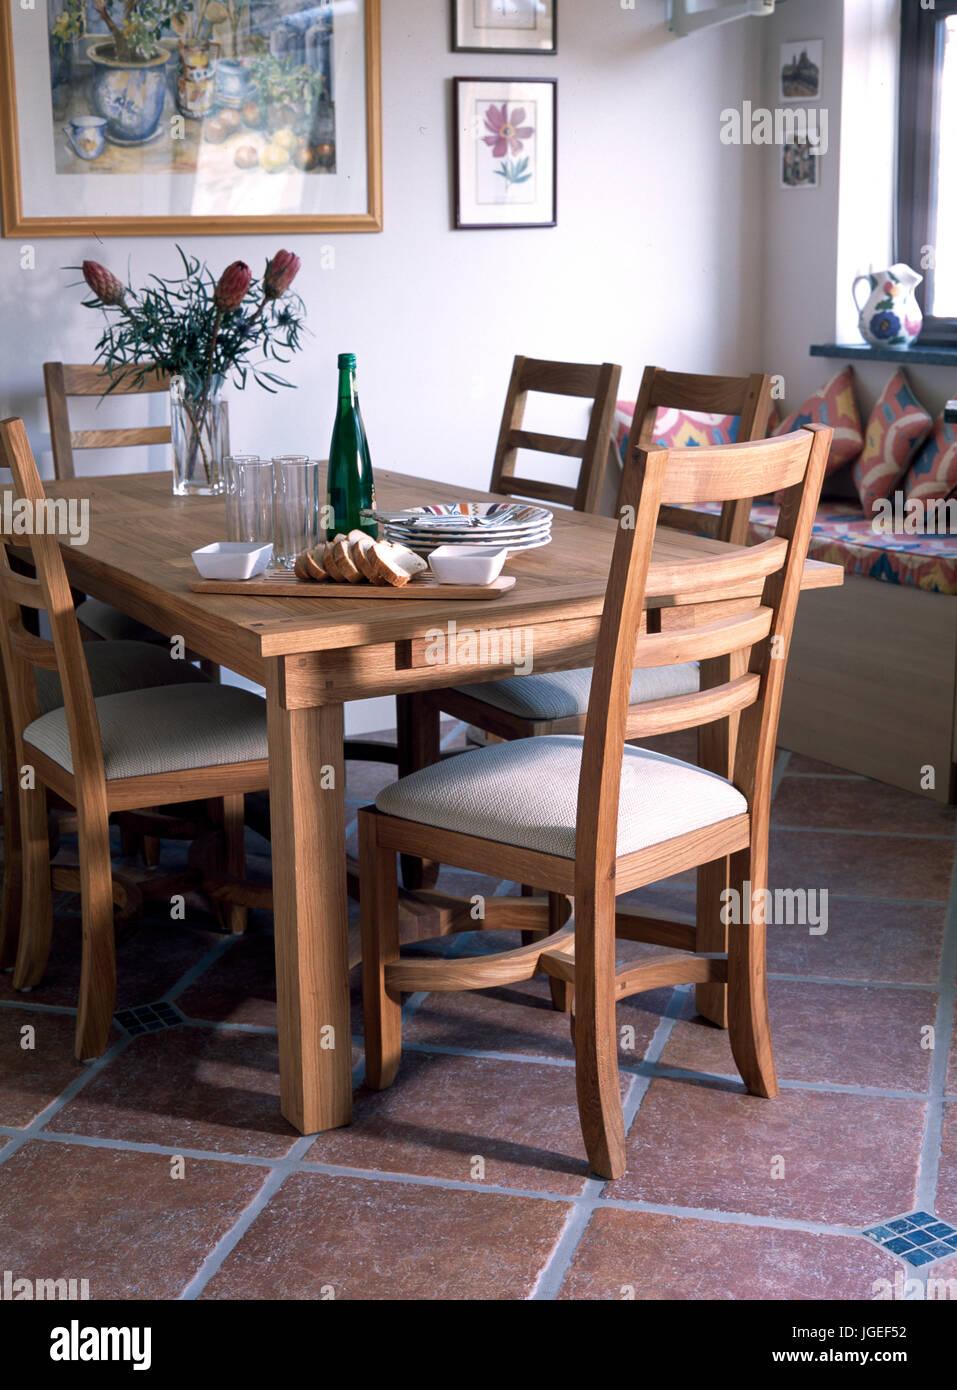 Mesa y sillas de comedor de madera en el suelo de baldosas de terracota.  Imagen f4269bd47a2f